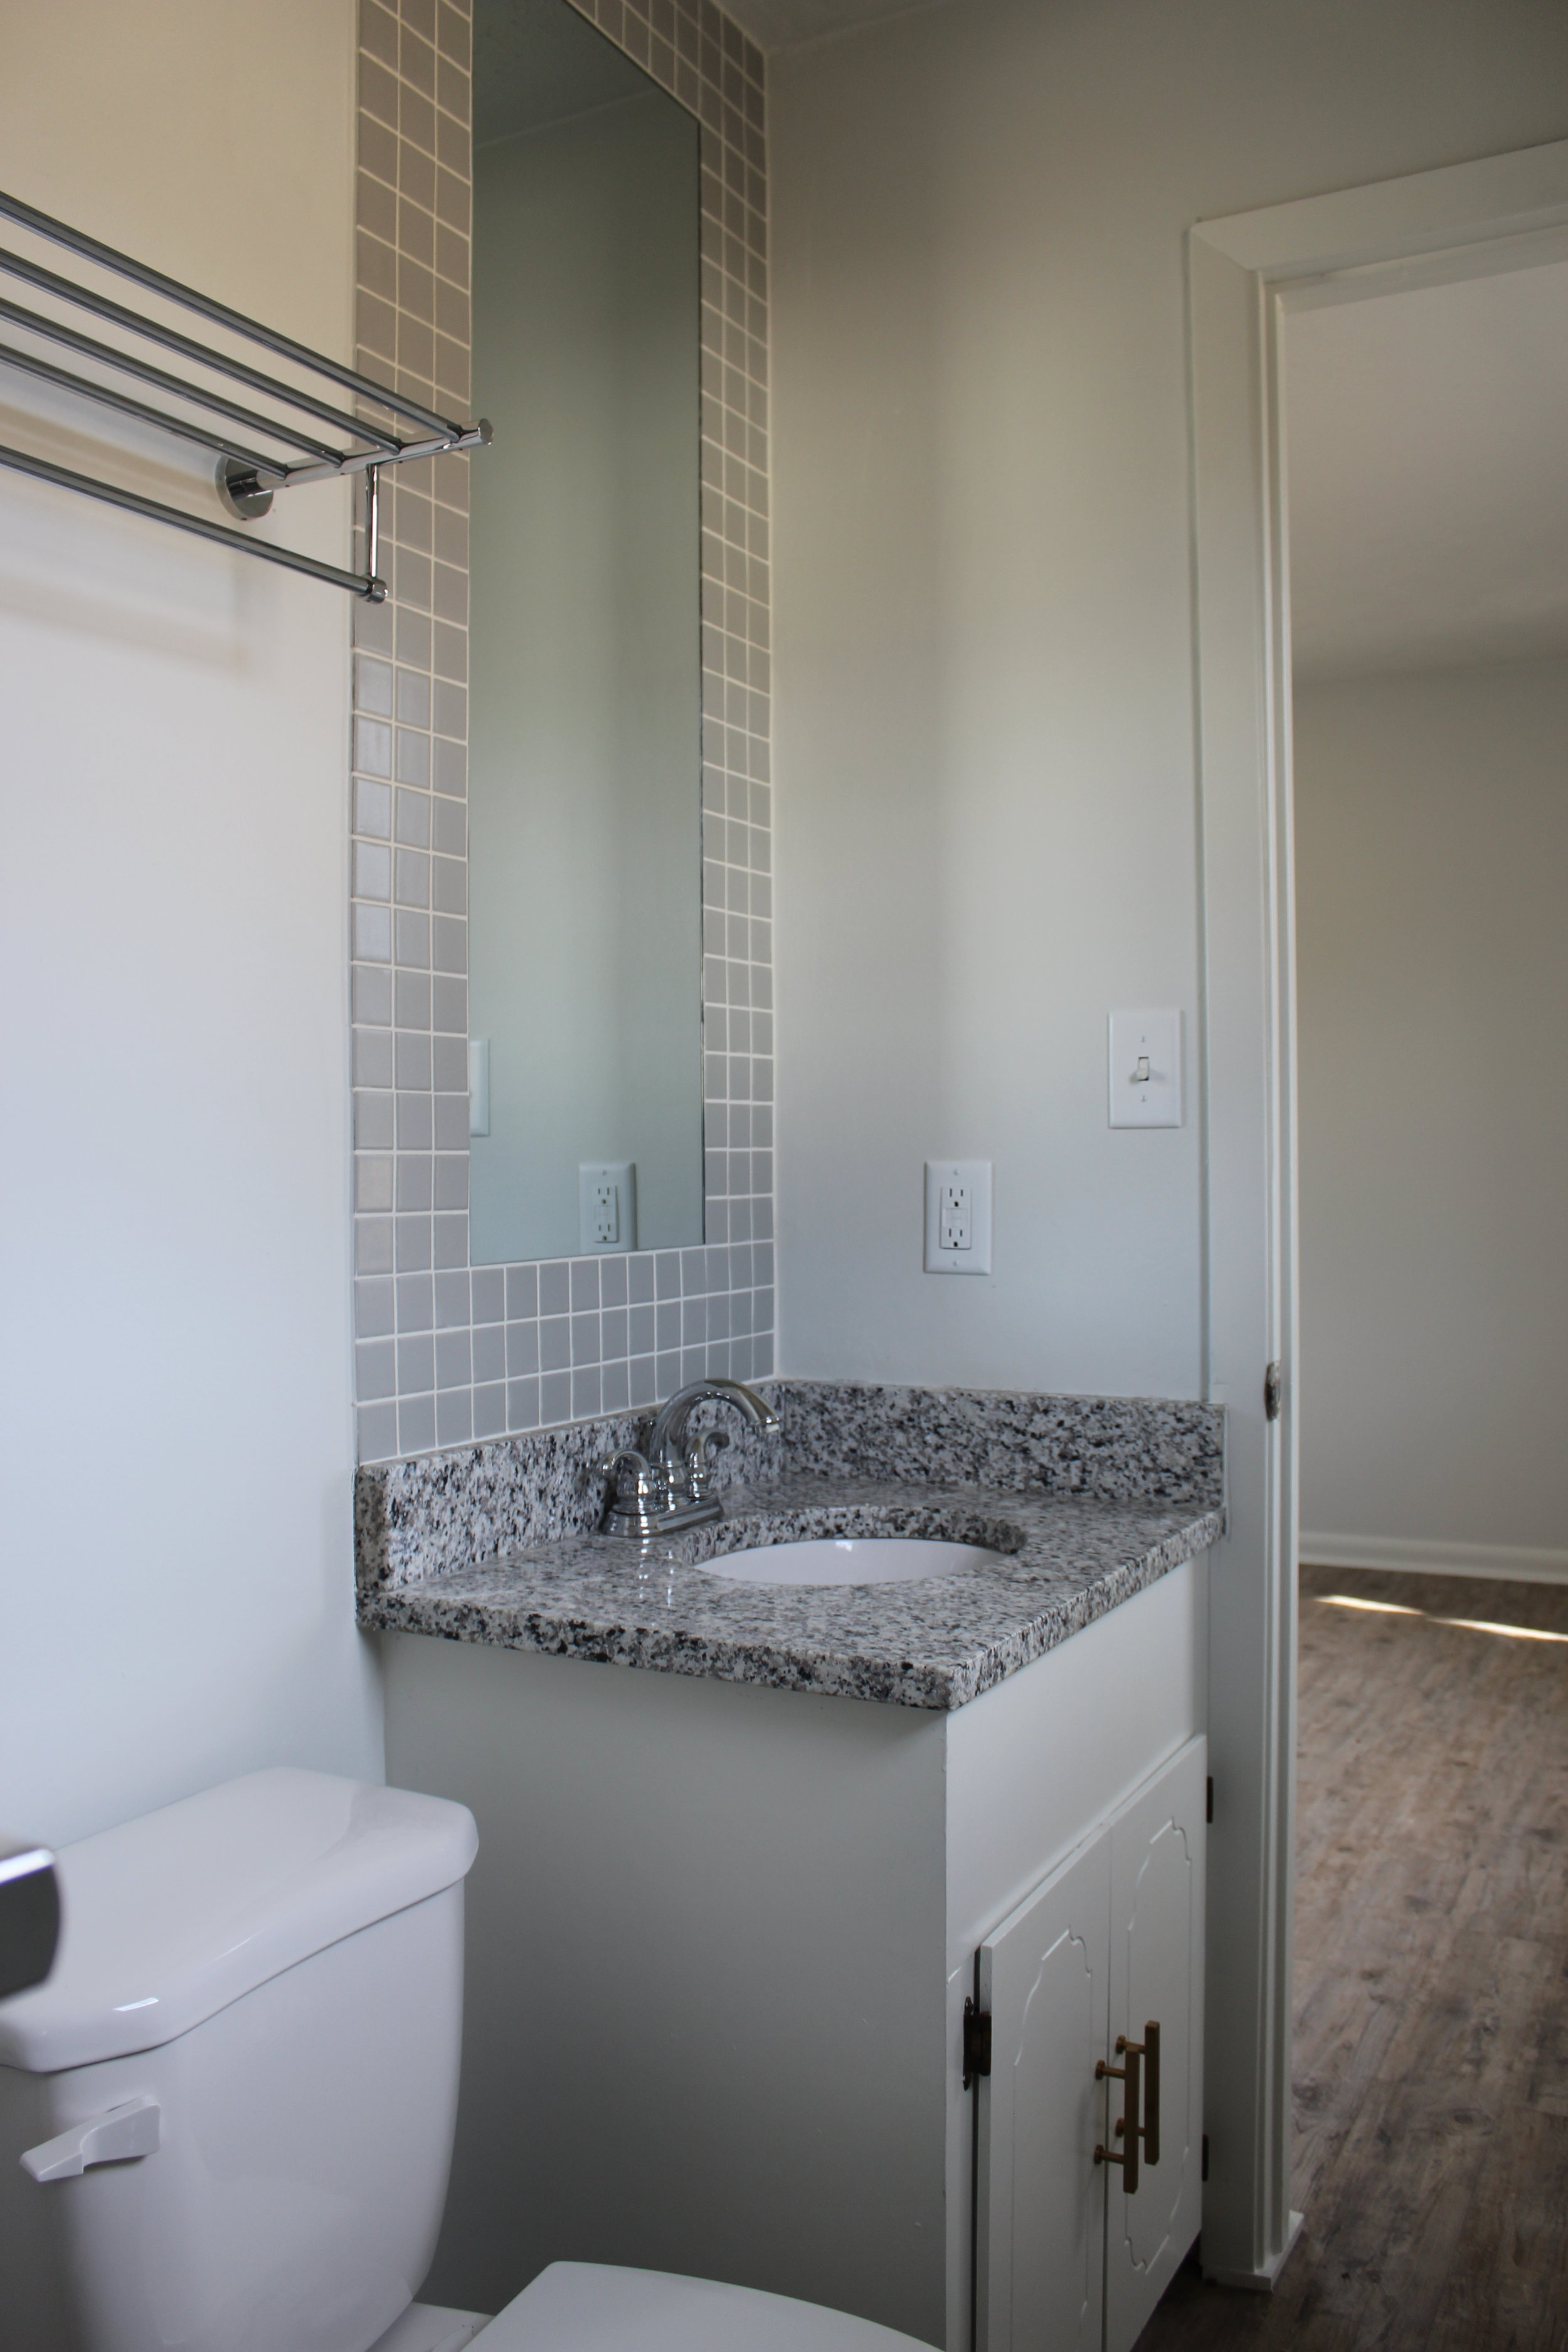 zimmerman_flip_house_after_picture_southern_arkansas_bathroom_vanity.JPG